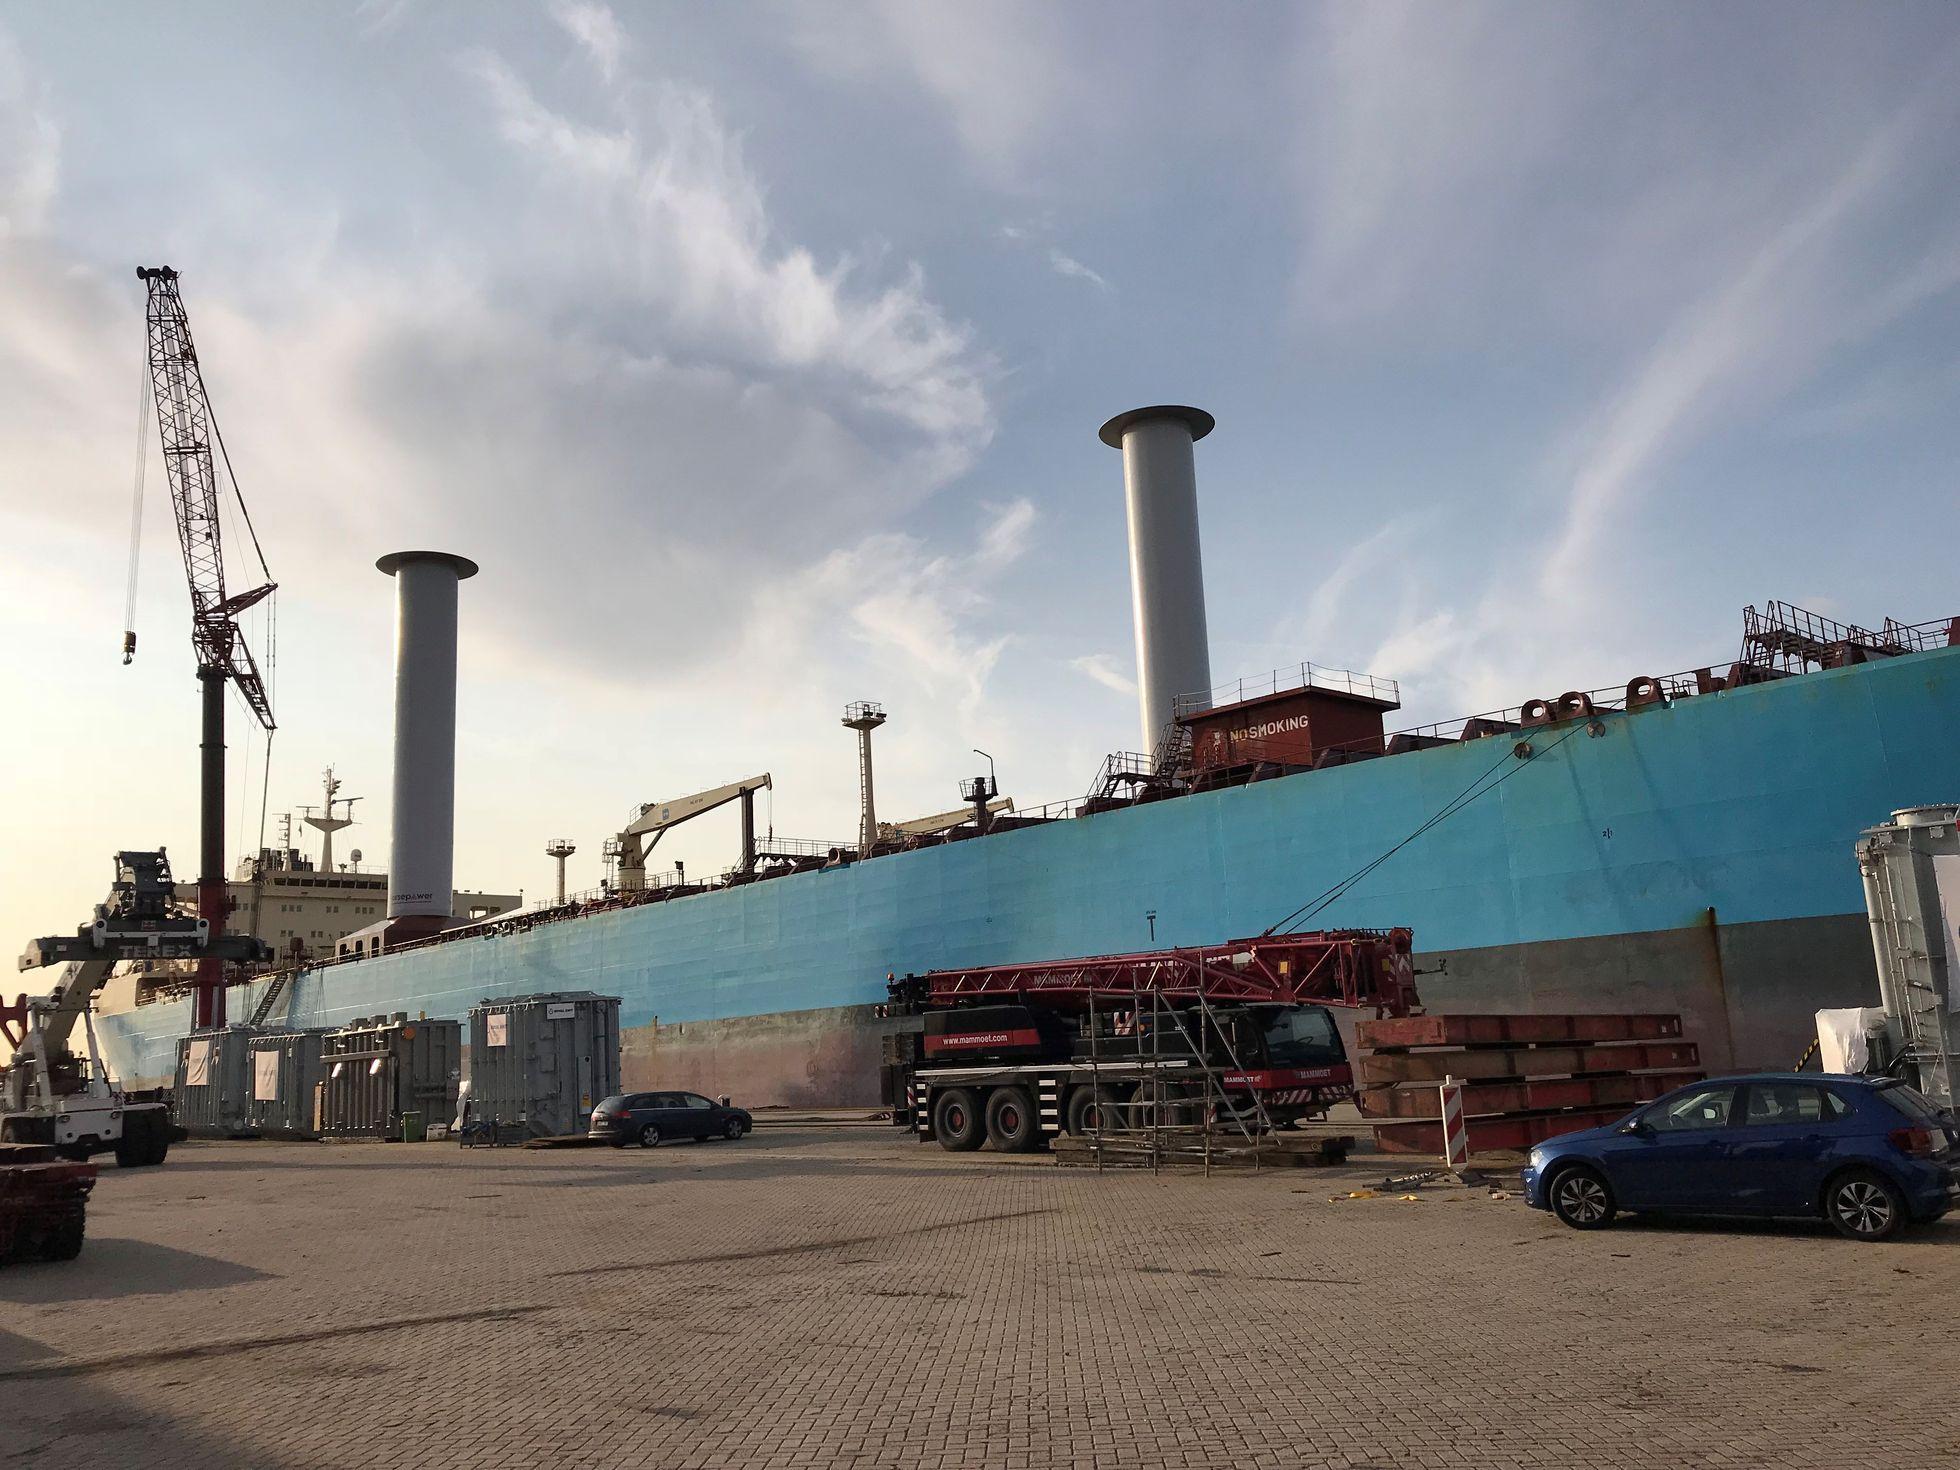 Norsepower: Stahlsegel helfen der Umwelt und sparen Treibstoff - Der Tanker Maersk Pelican ist das dritte Schiff, das Norsepower mit Rotorsails ausstattet. (Bild: Norsepower)